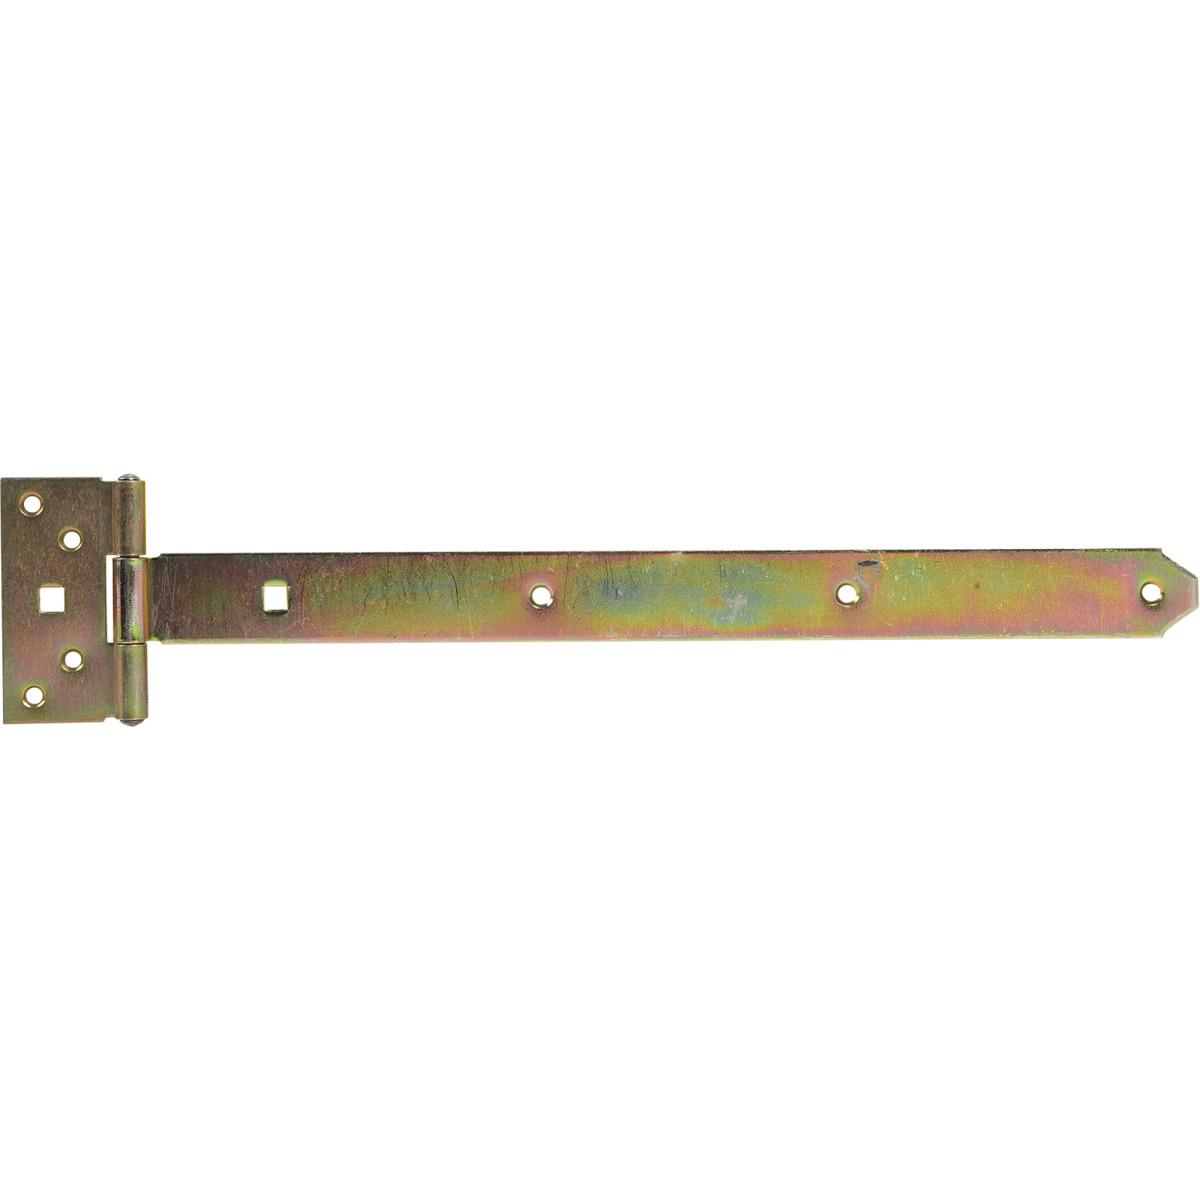 Петля воротная T-образная оцинкованная 393/45x92/34 мм